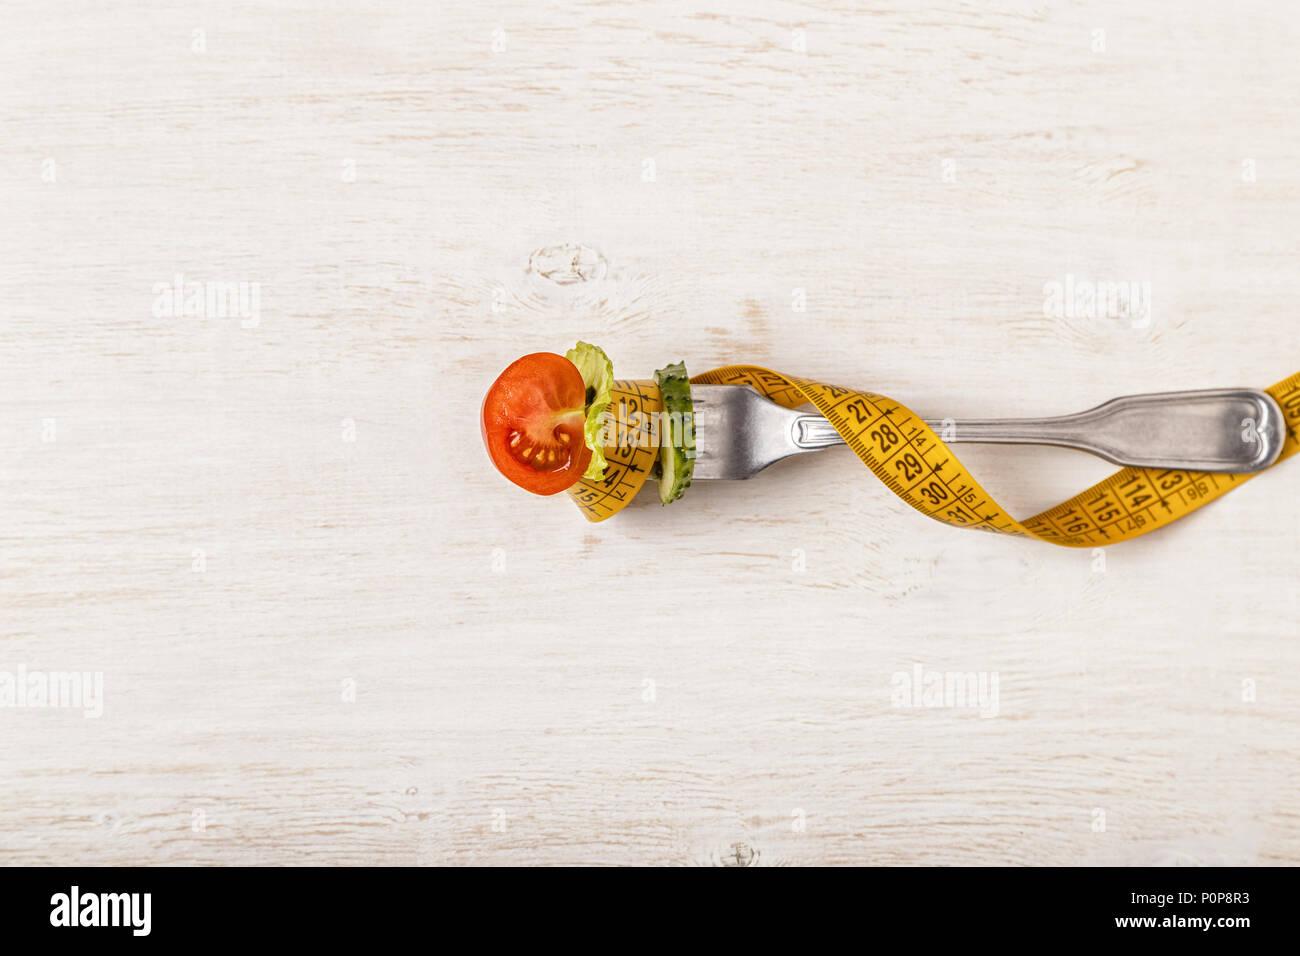 Insalata fresca su una forcella, metro a nastro, vista dall'alto. Il concetto di dieta, cibo sano Immagini Stock